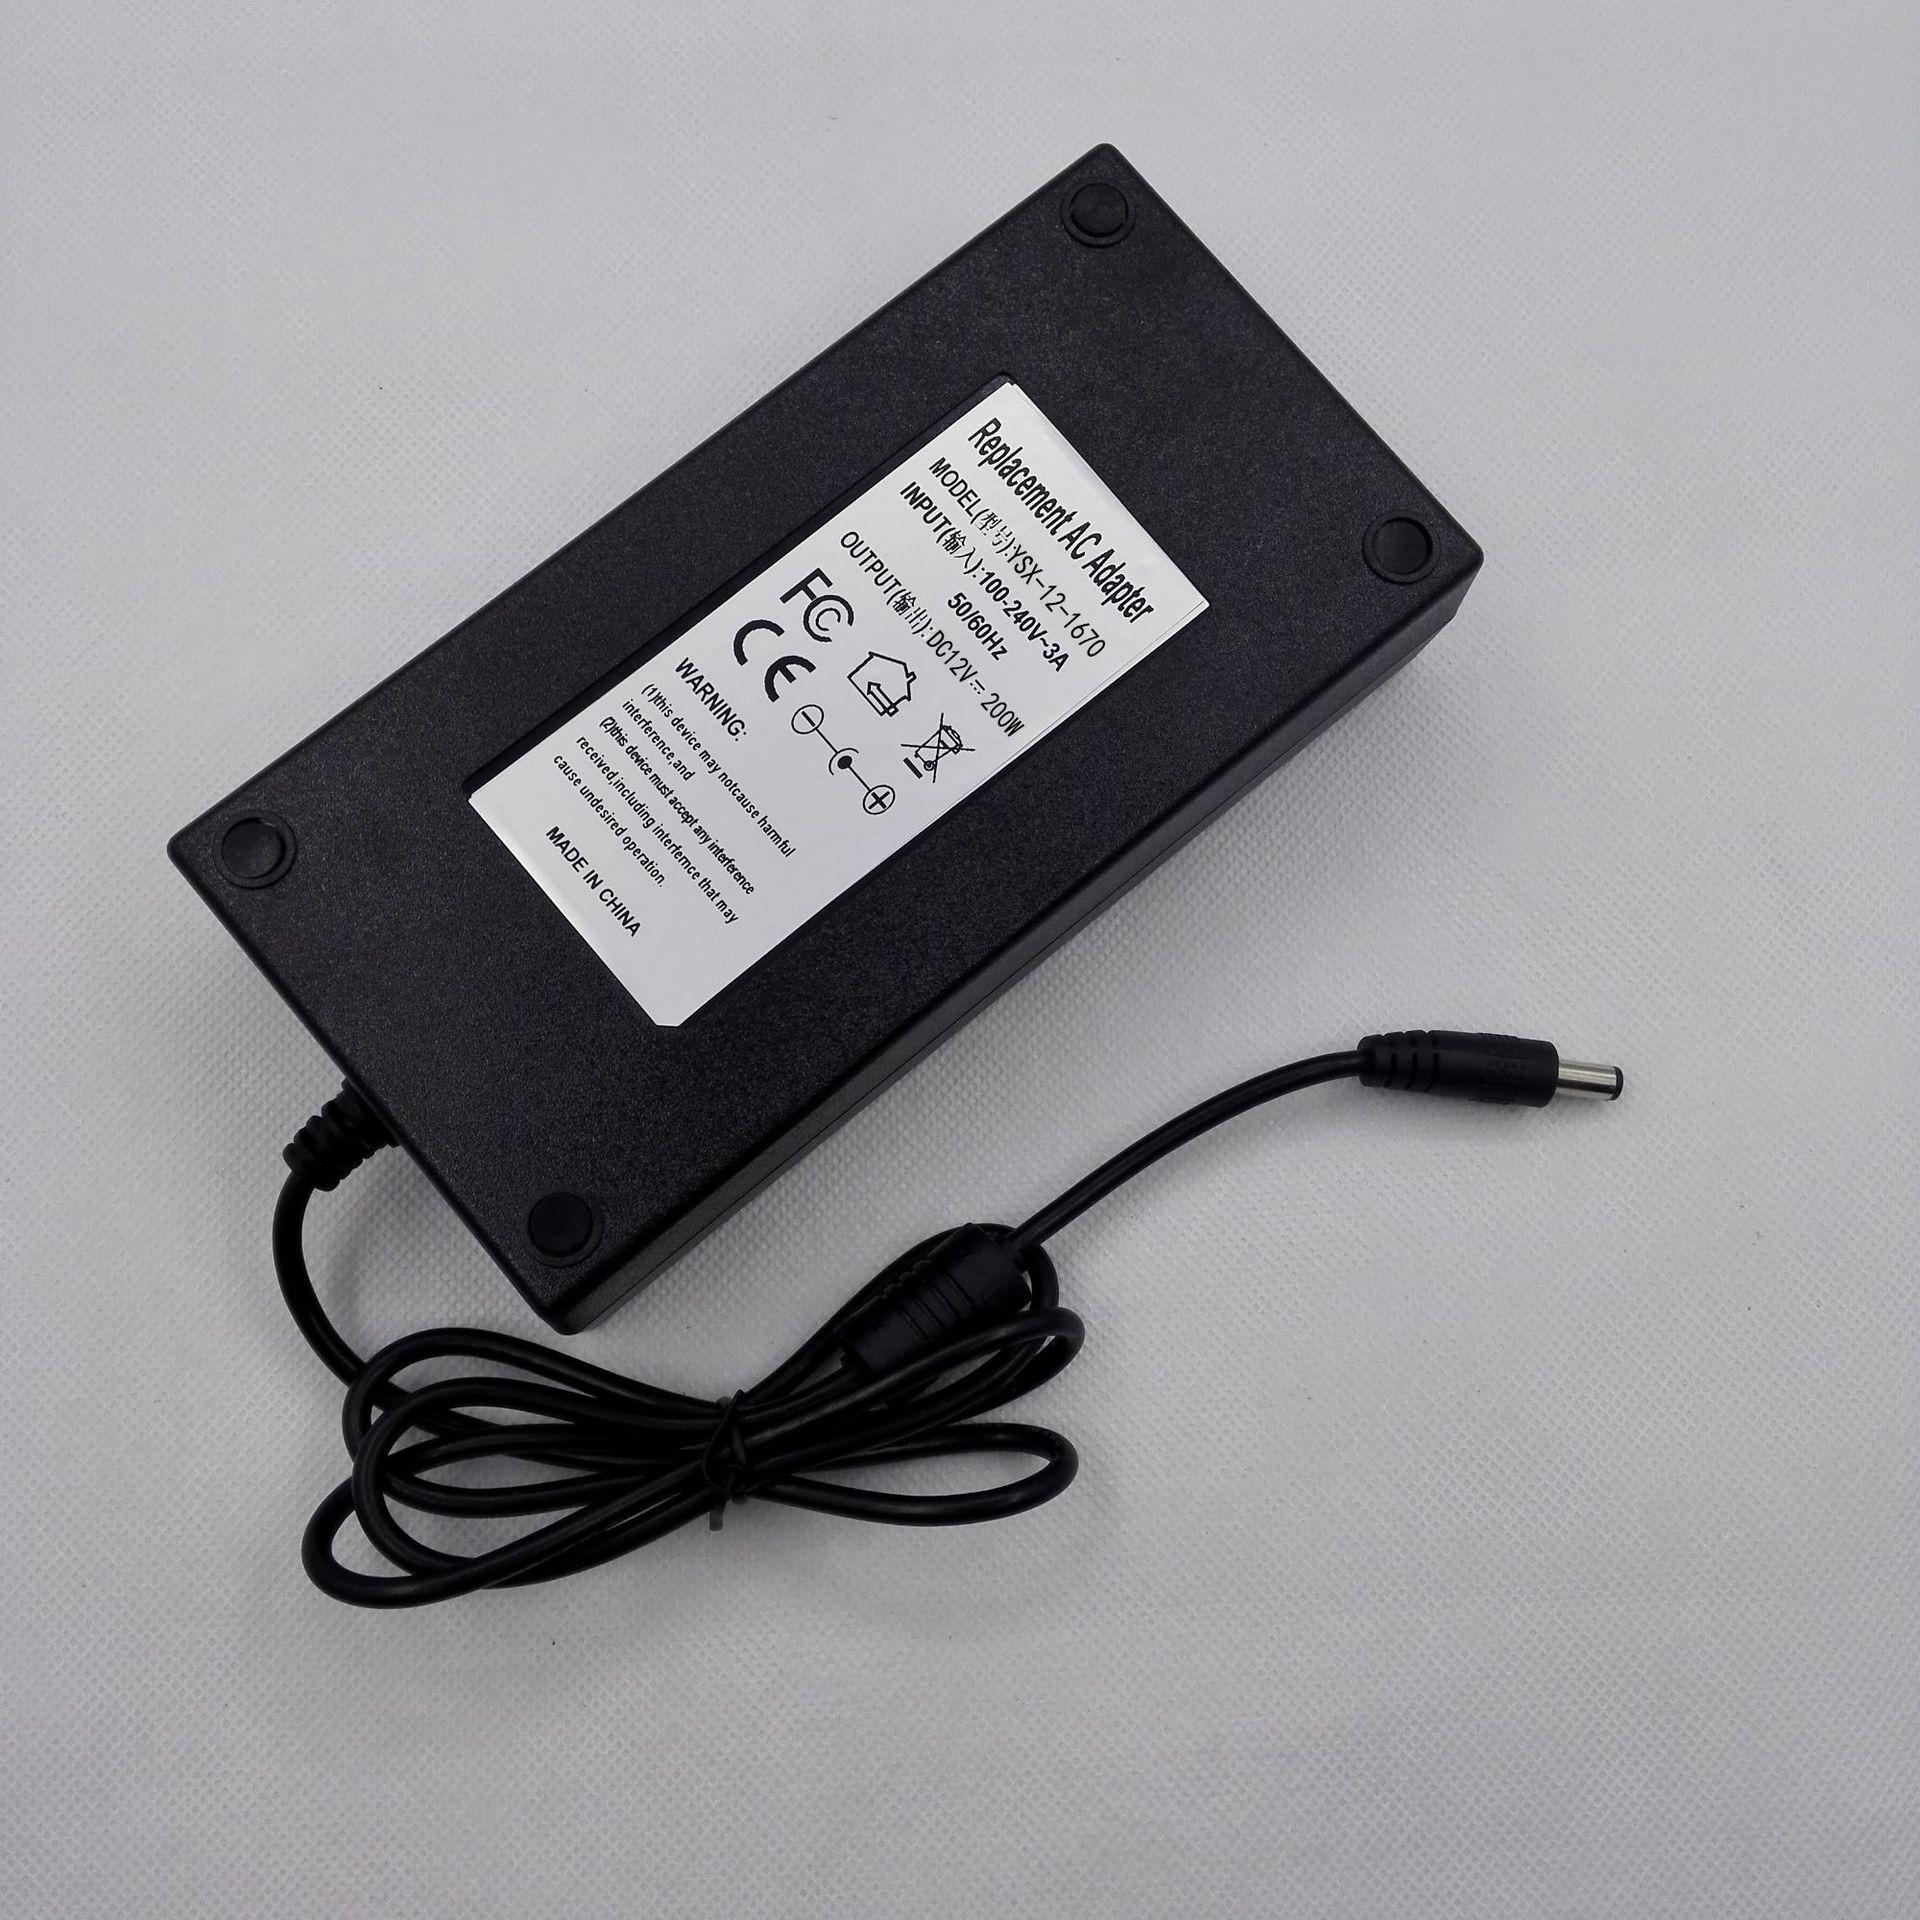 桌面式电源适配器,12V17A,3D打印机电源,200W大功率适配器